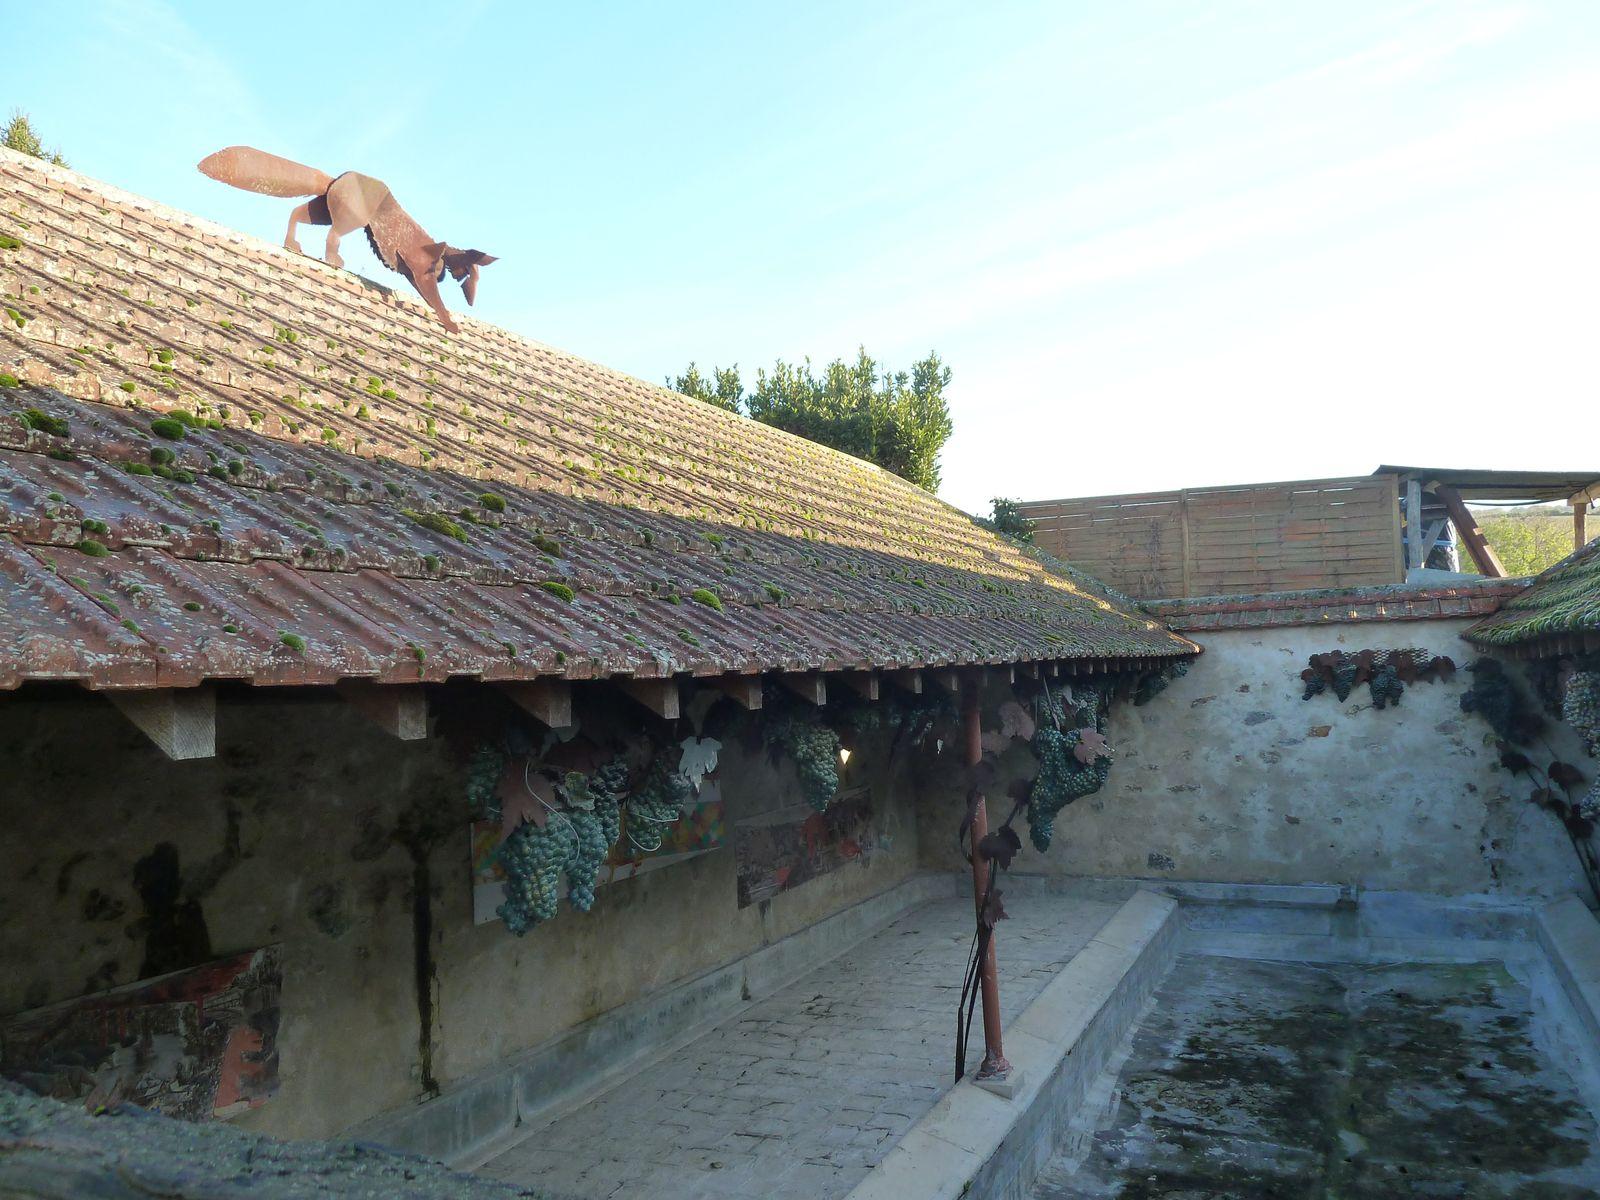 Le renard, sur le toit et les raisins suspendus.